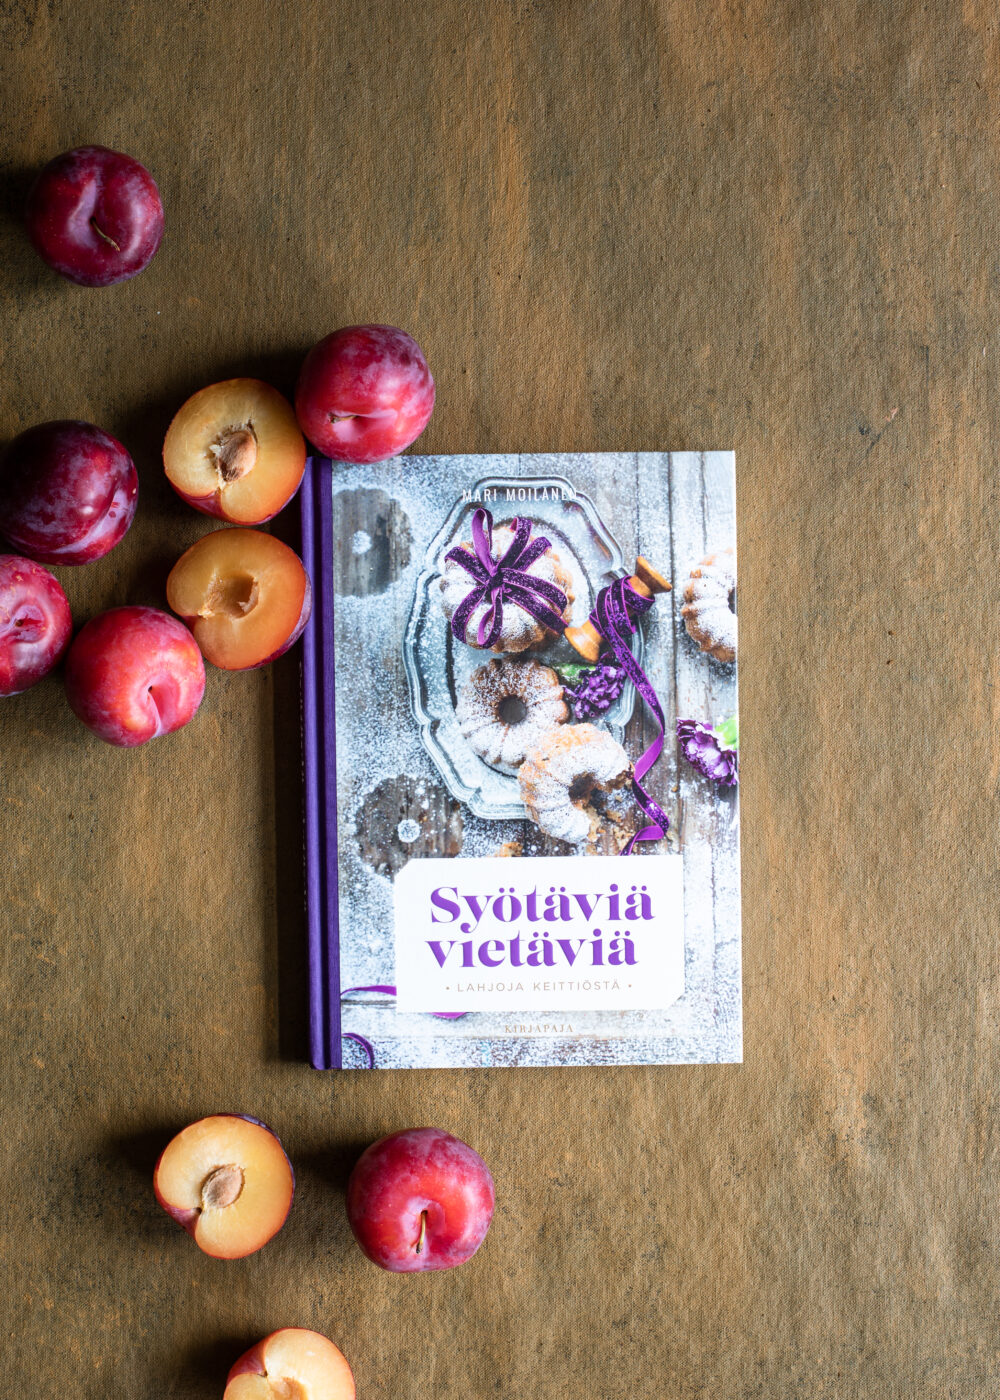 mari moilasen keittokirja, syötäviä vietäviä, keittokirjoja, ruokakirjoja